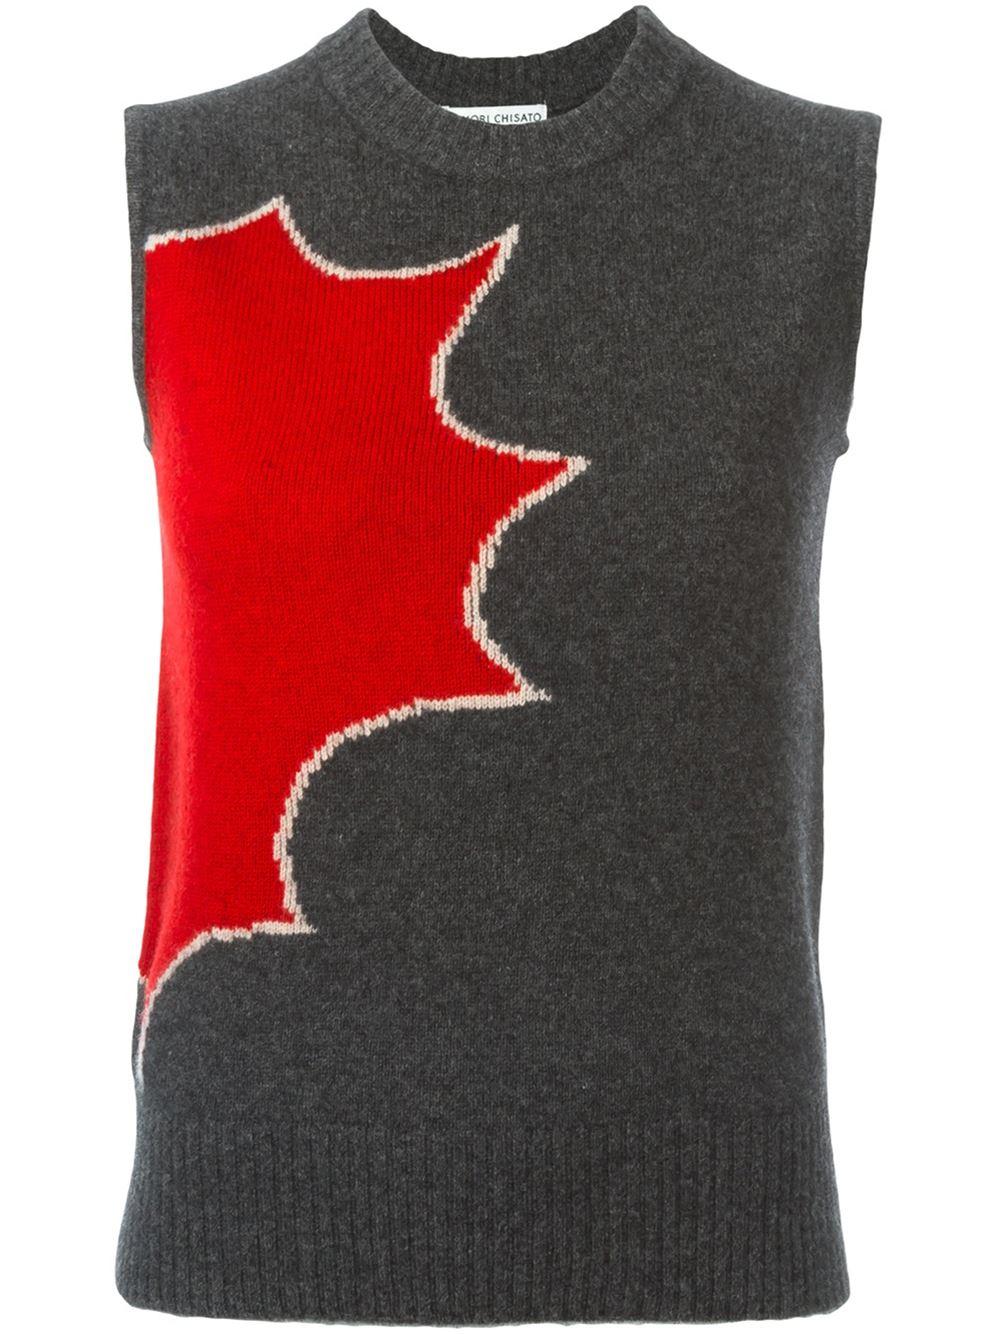 Tsumori Chisato Intarsia Knit Sweater Vest. Farfetch. Was: $337 Now: $134.